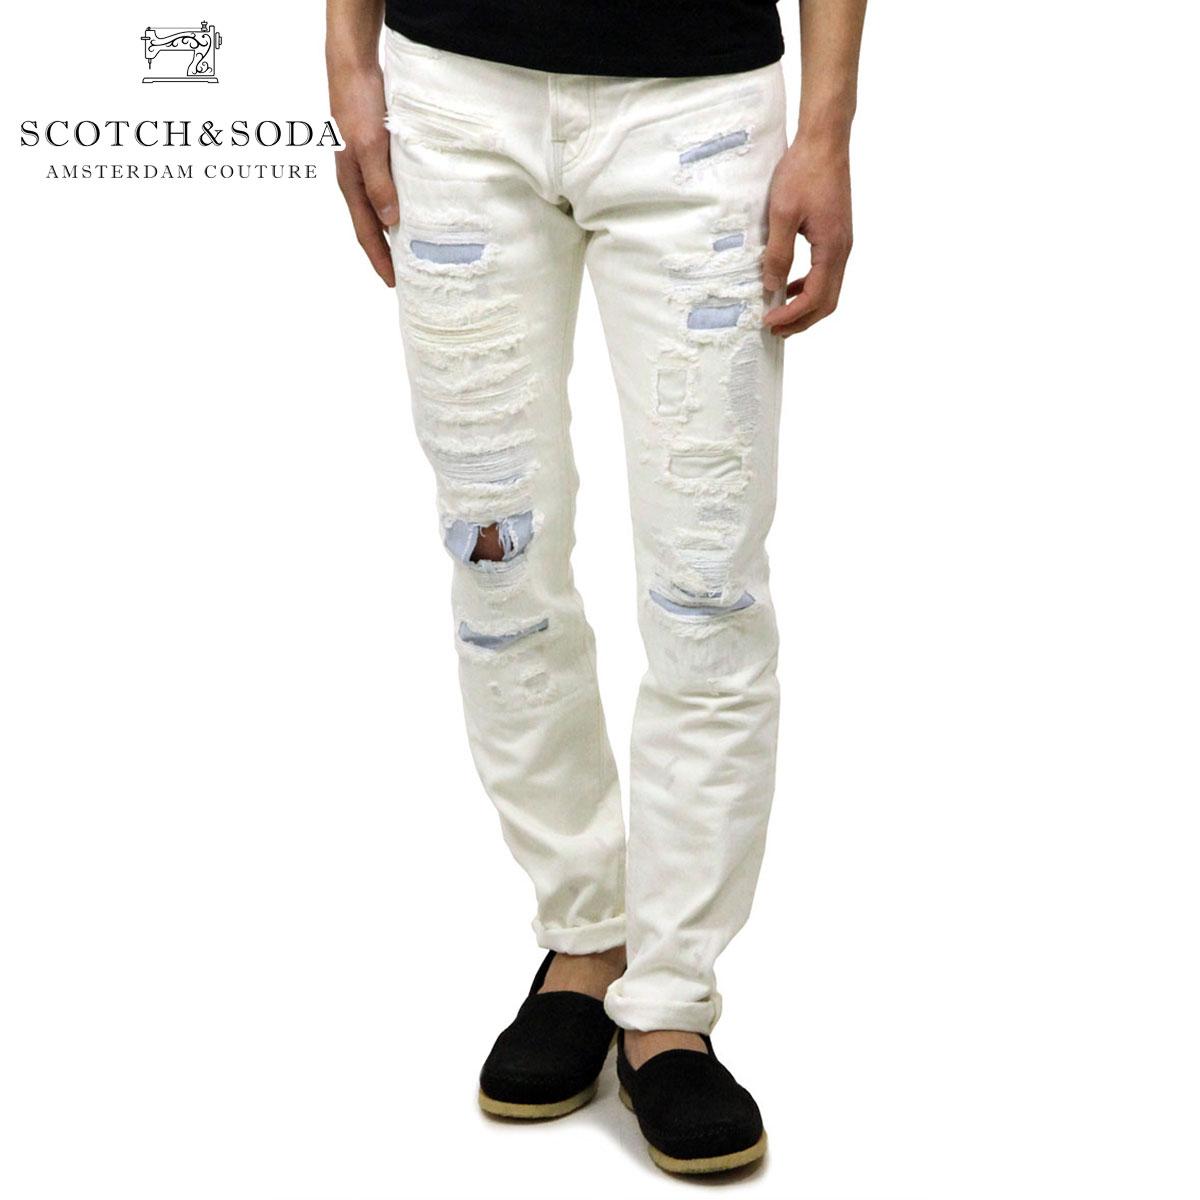 スコッチアンドソーダ SCOTCH&SODA 正規販売店 メンズ ジーンズ LOT 22 RALSTON - WHITE GLAZE 141162 1788 55504 WHITE G D